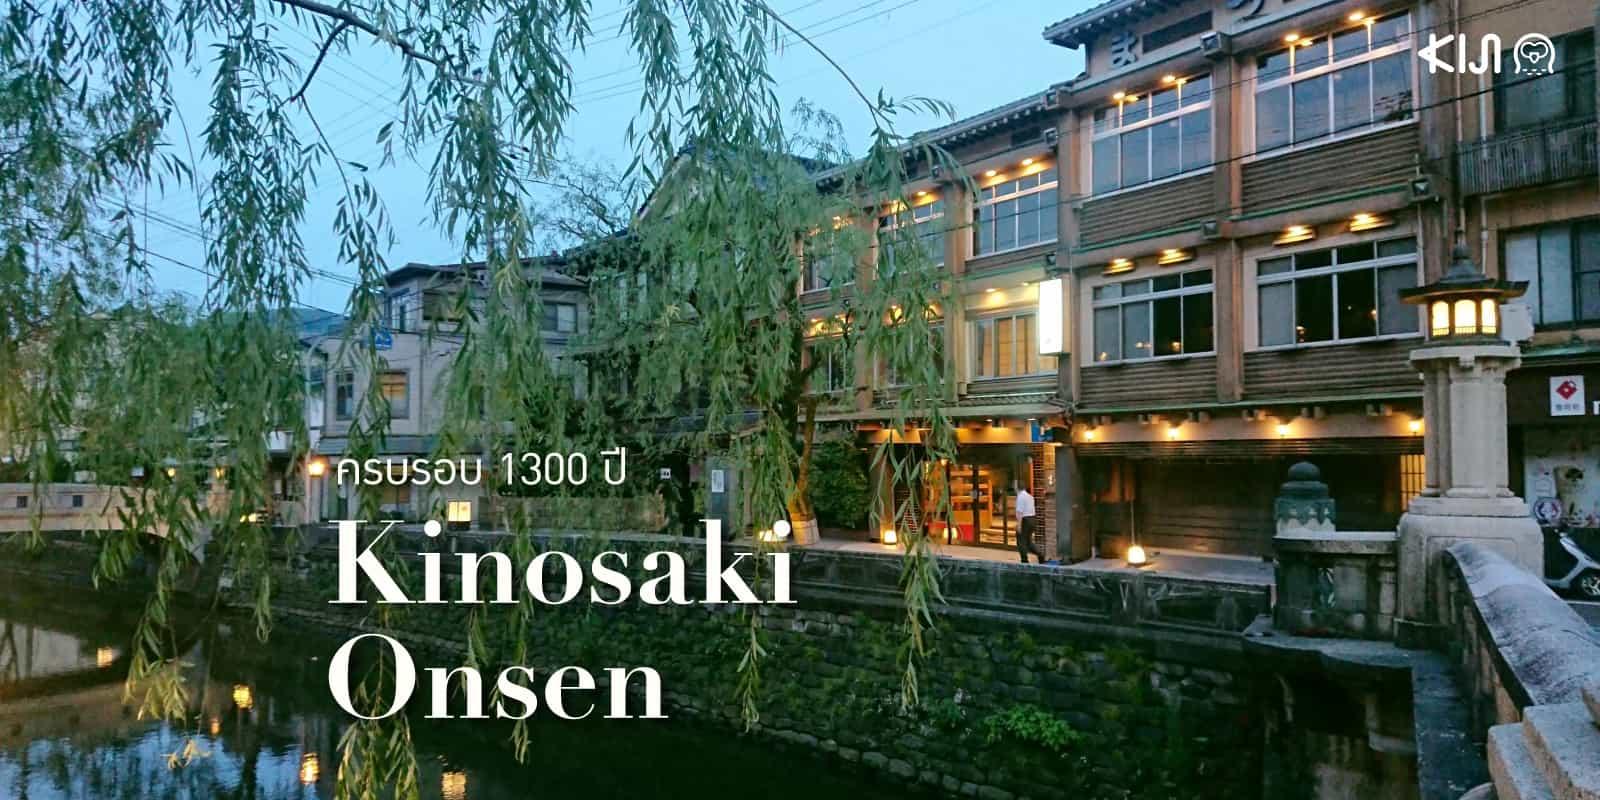 เที่ยวคิโนะซากิ ออนเซ็น kinosaki onsen